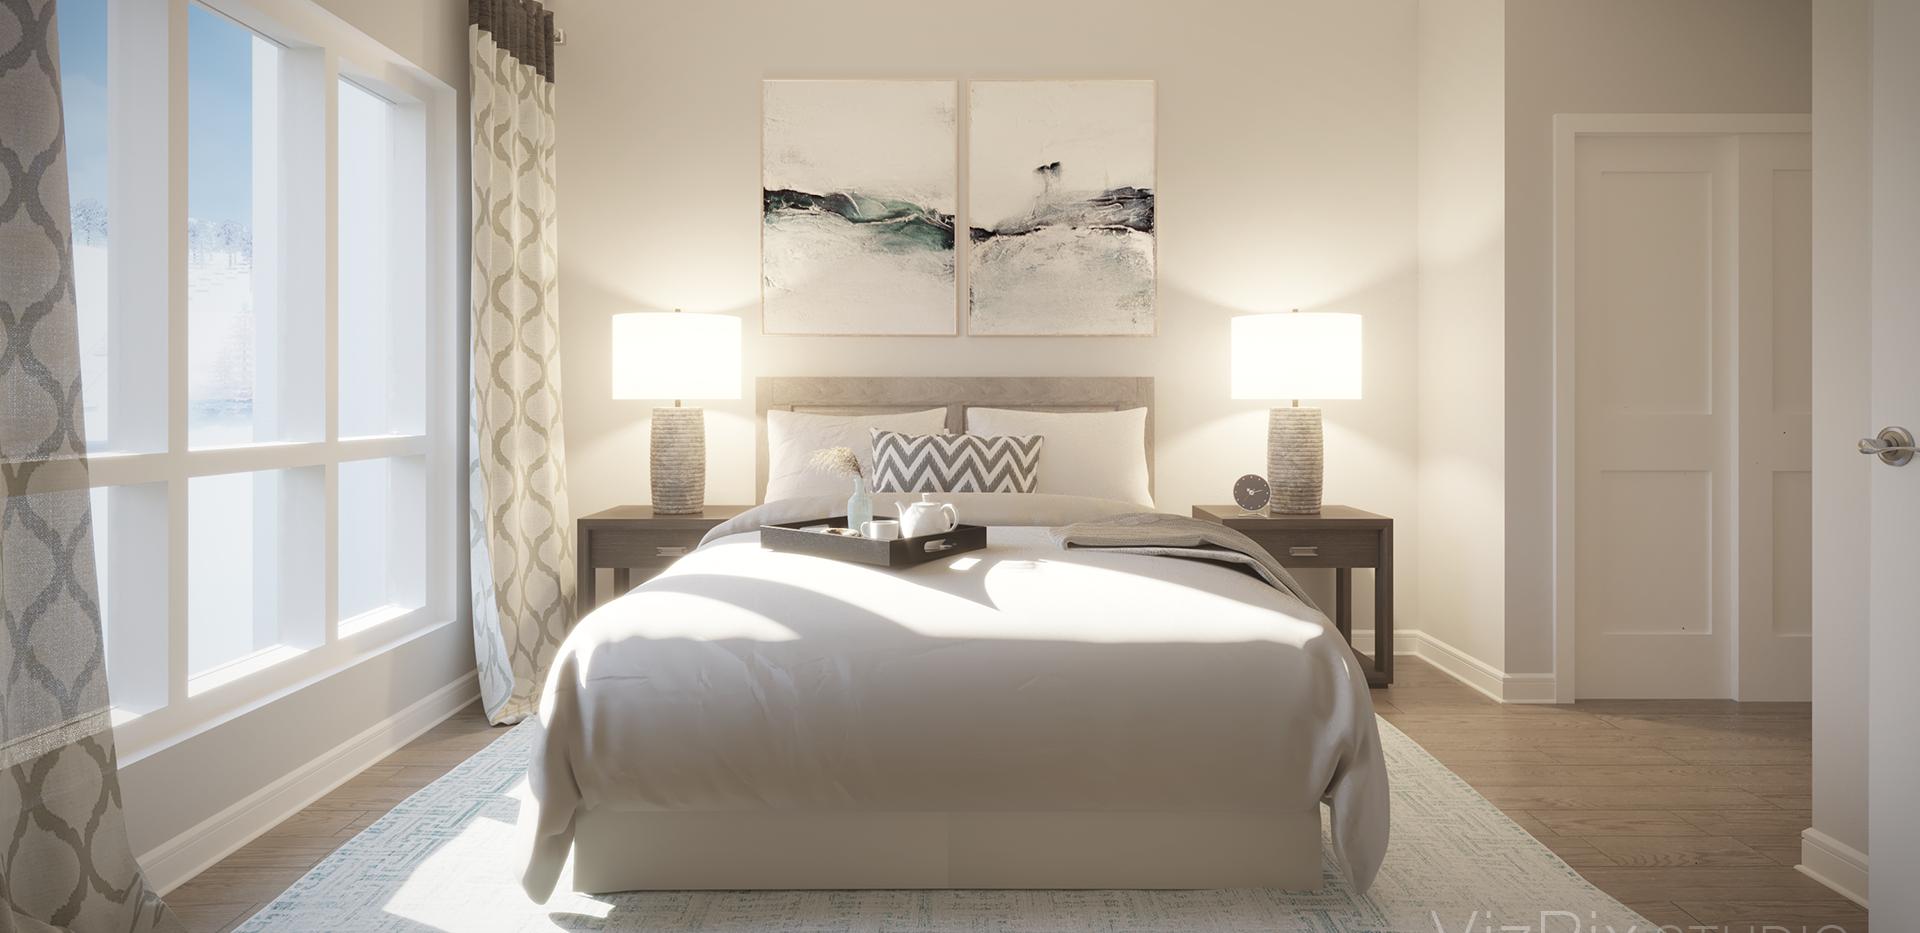 The Summit Bedroom 3D Render